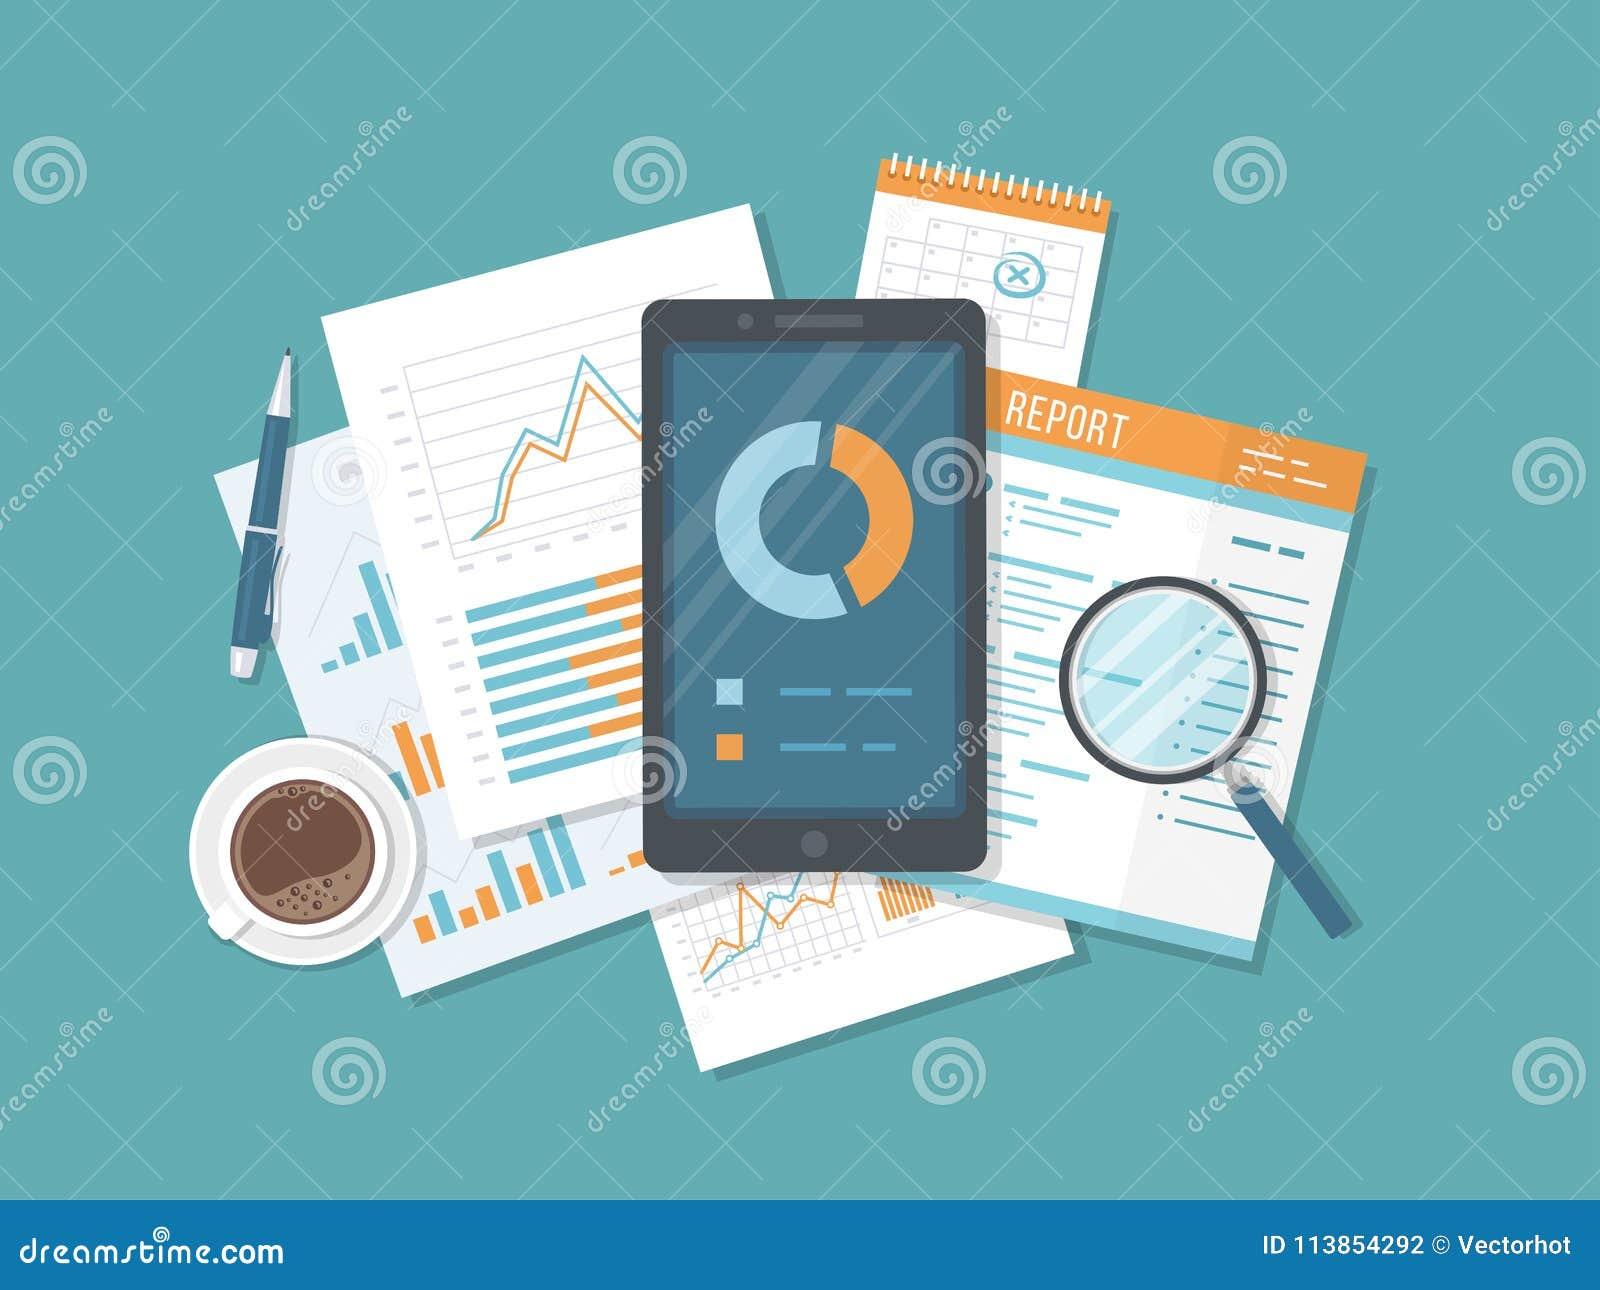 Mobilt revidera, dataanalys, statistik, forskning Ringa med information på skärmen, dokument, rapporten, kalender